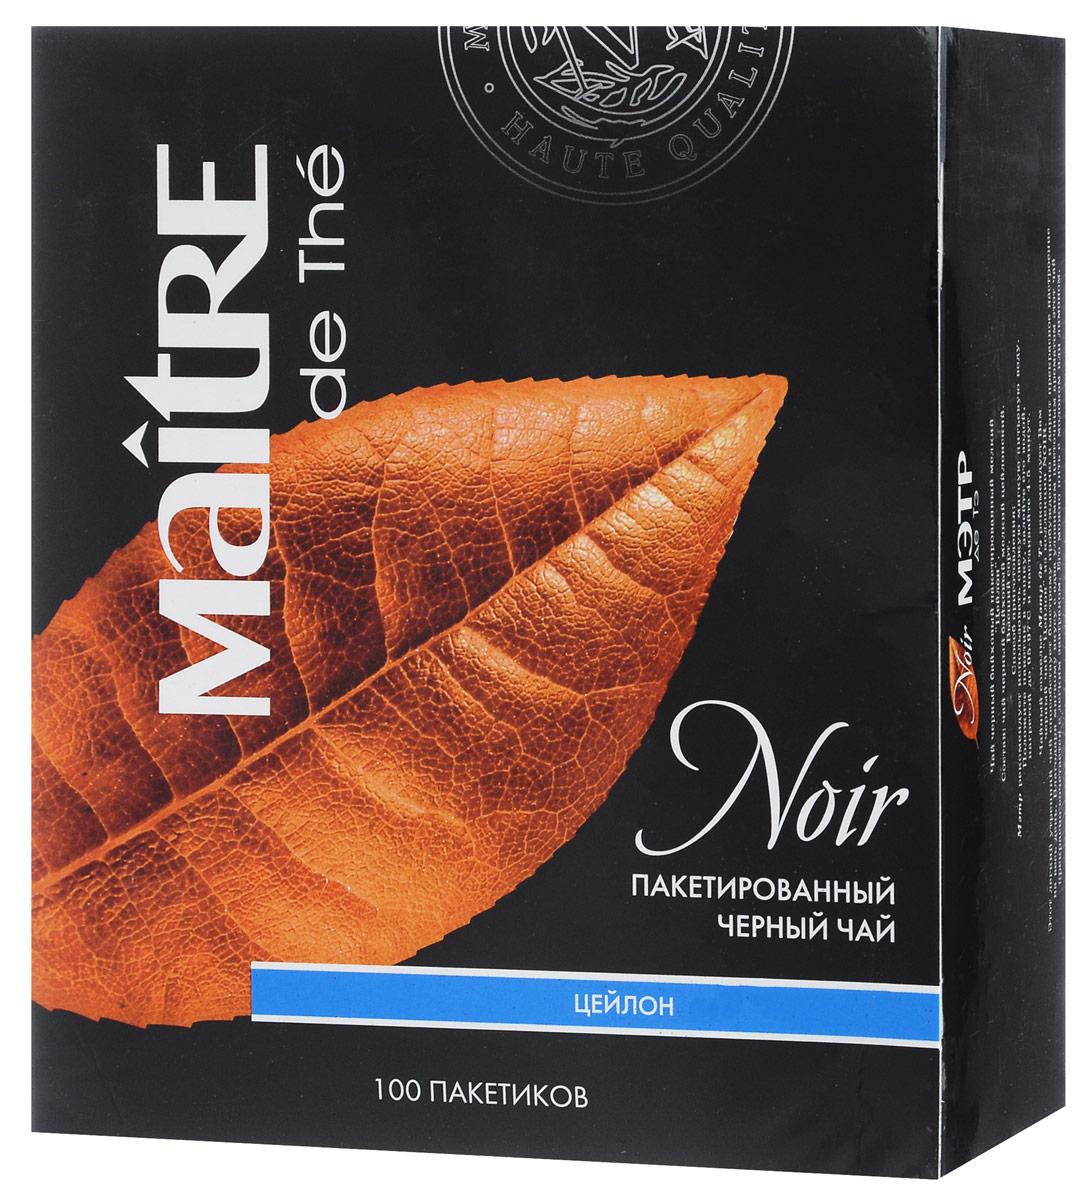 Maitre Цейлон черный байховый чай в пакетиках, 100 шт0120710Черный байховый чай Maitre Цейлон в пакетиках. Настой имеет темно-коричневый прозрачный цвет и насыщенный вкус.Этот легкий утренний чай способствует быстрому пробуждению и дарит прекрасное настроение на весь день. Благодаря мягкому вкусу с едва уловимым ароматом этот чай прекрасно сочетается с легким завтраком. Его можно пить с молоком или лимоном.